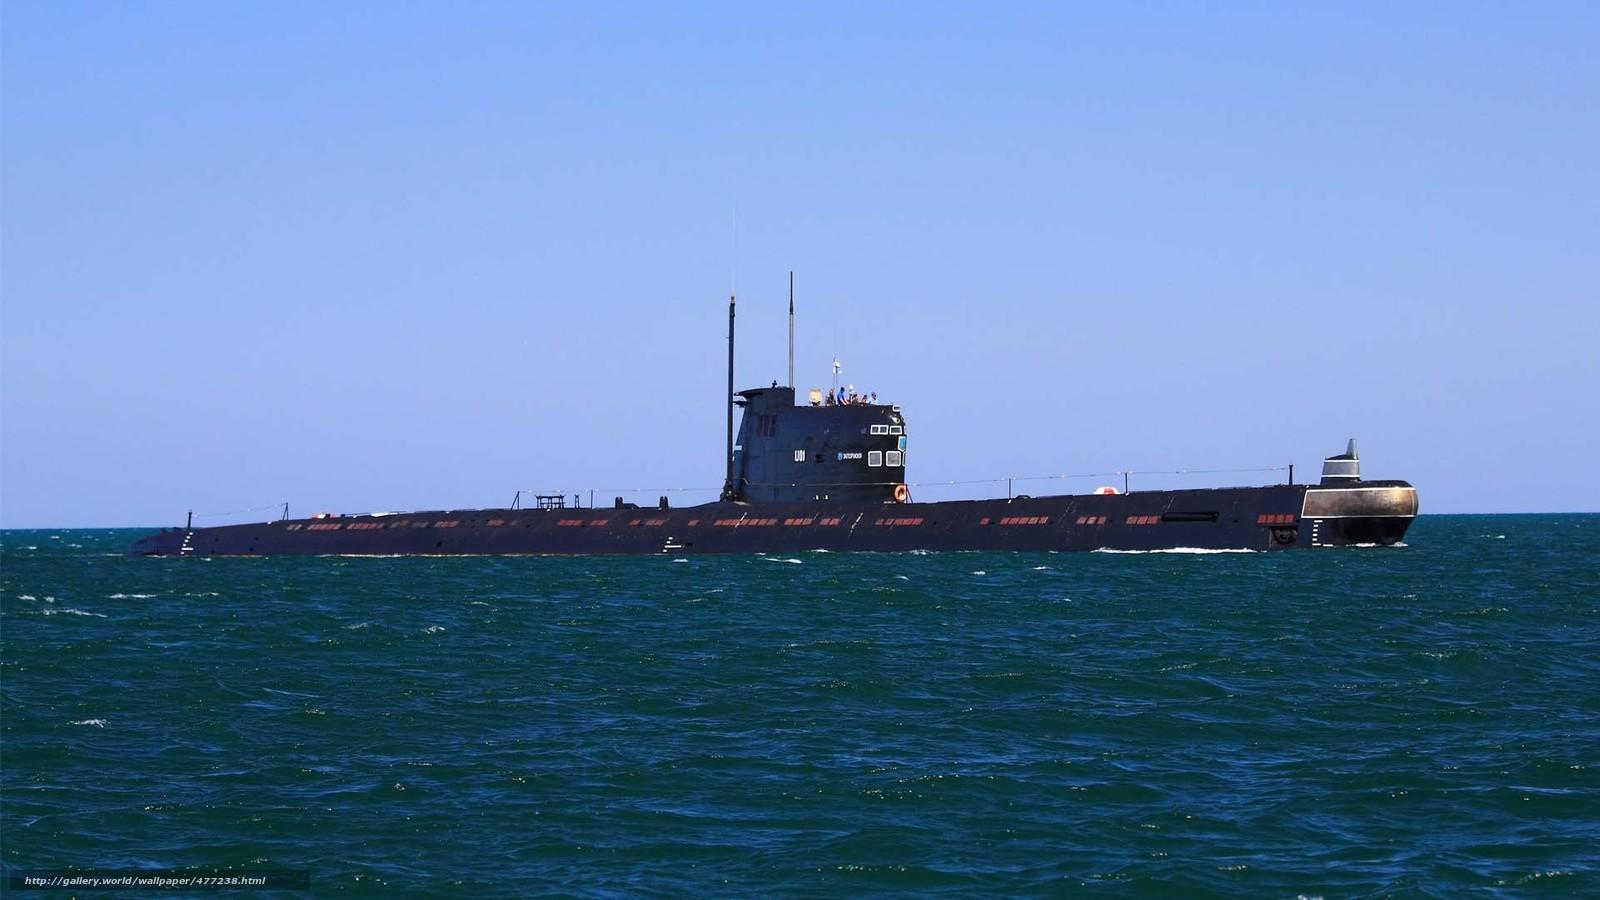 фотографии с подводными лодками